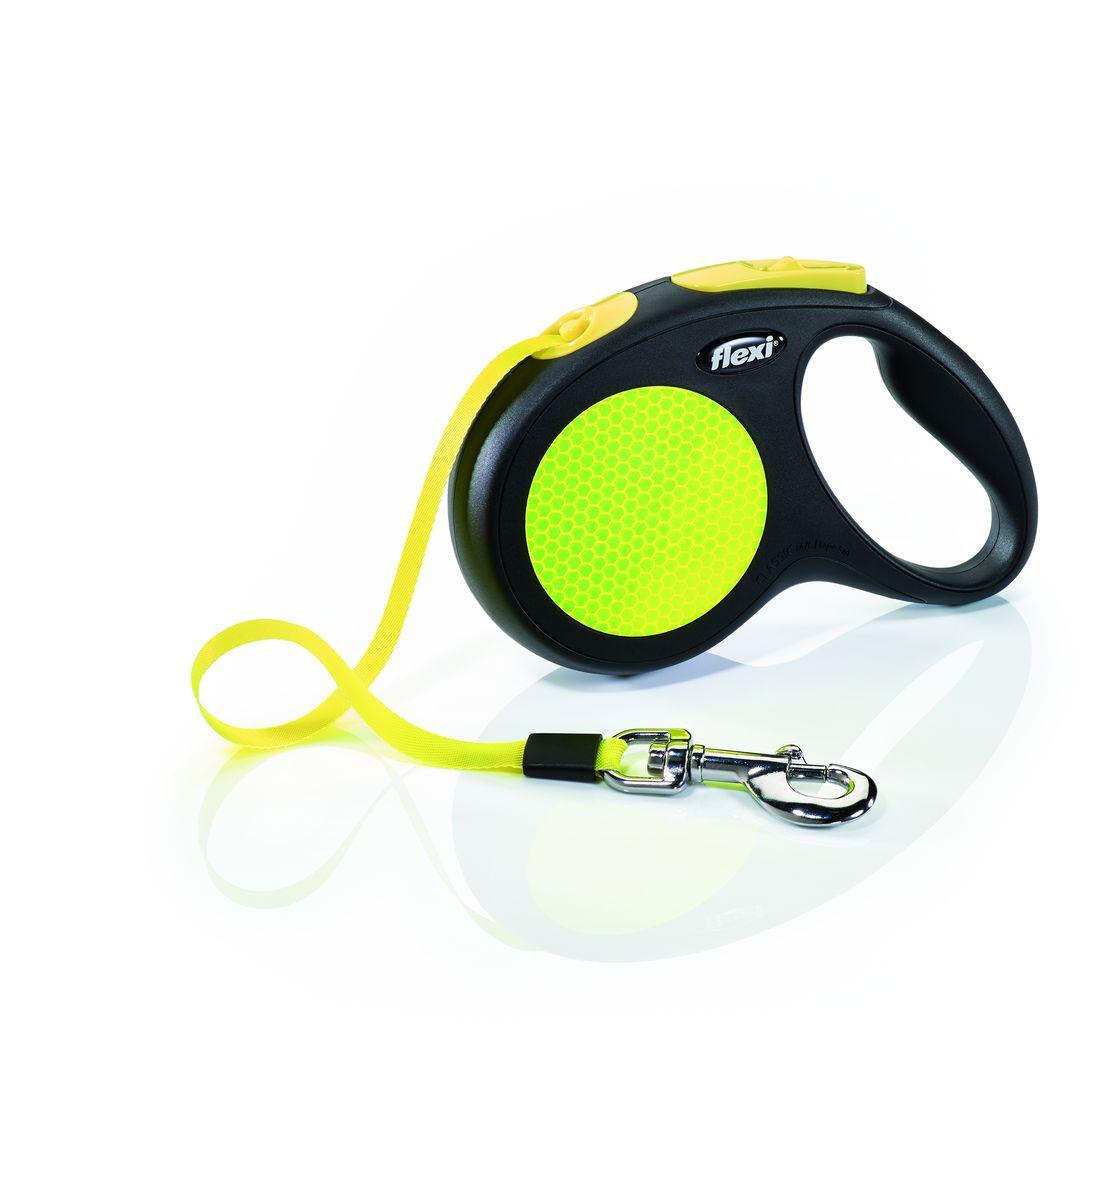 Поводок-рулетка Flexi Neon New Classic М-L, лента, для собак весом до 50 кг, 5 м23525Ленточный поводок-рулетка предназначен для выгула собак весом до 50 кг. - обновленная эргономичная кнопка системы торможения- запатентованная тормозная система - надежный карабин- светоотражающая наклейка на корпусе рулетки- яркий трос неонового цвета хорошо заметен в сумерки и туманЗапатентованая система сматывания и фиксации длины — дополнительное удобство, помогающее контролировать поведение животного.Корпус рулетки выполнен из ударопрочного пластика. Рулетка очень легка в применении, принесет вам еще большую радость от моментов, проведенных с любимцем.